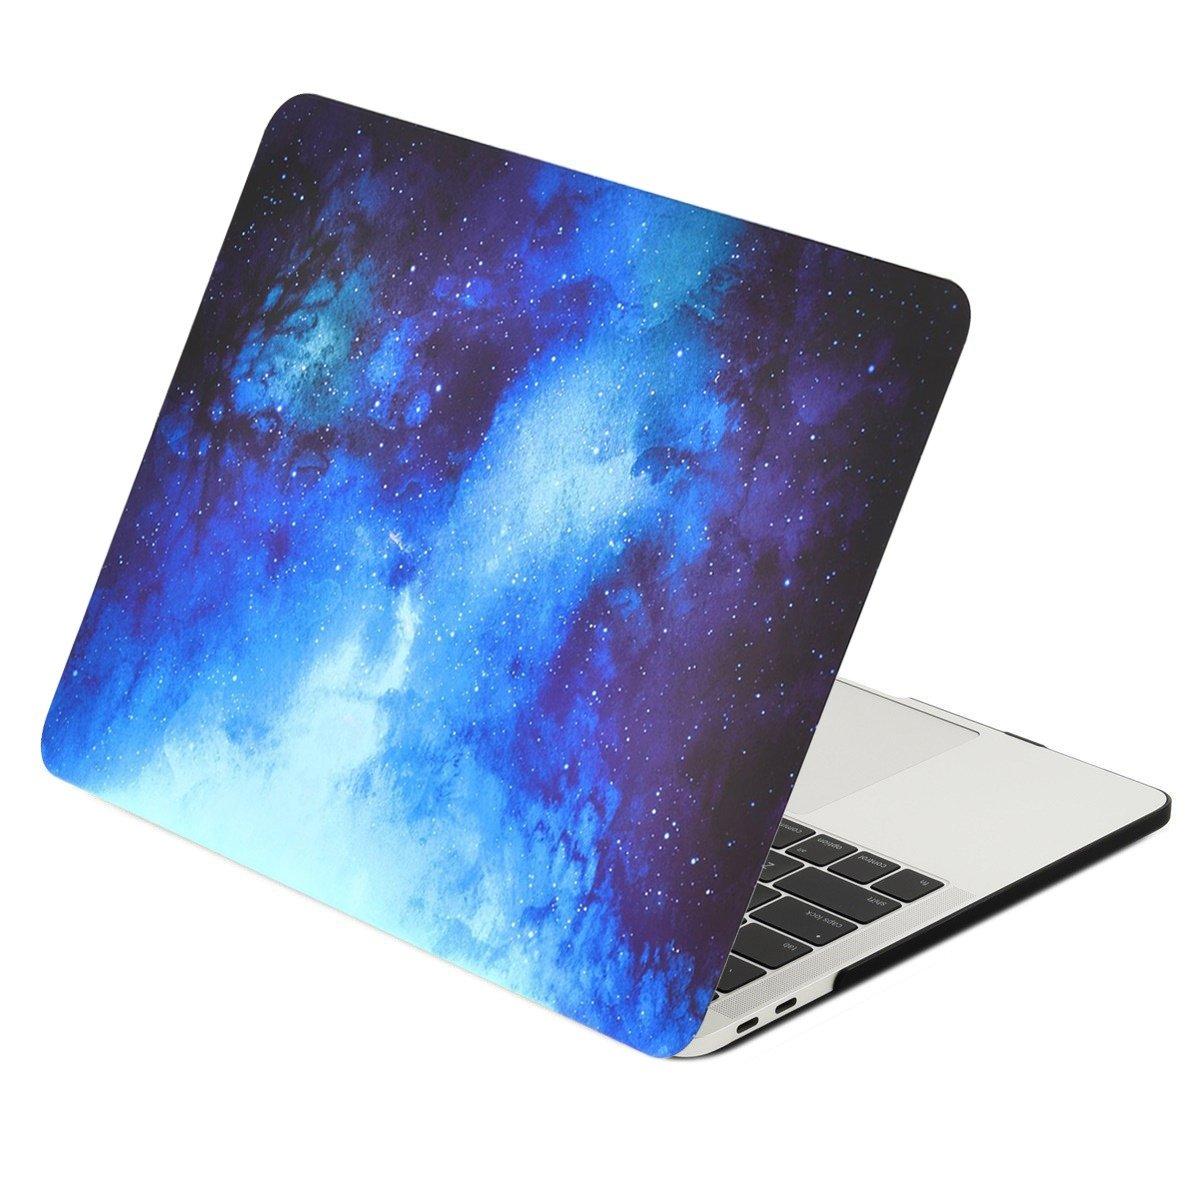 50%OFF TOP CASE - Macbook Pro 13 Case 2016, Galaxy Graphic ...